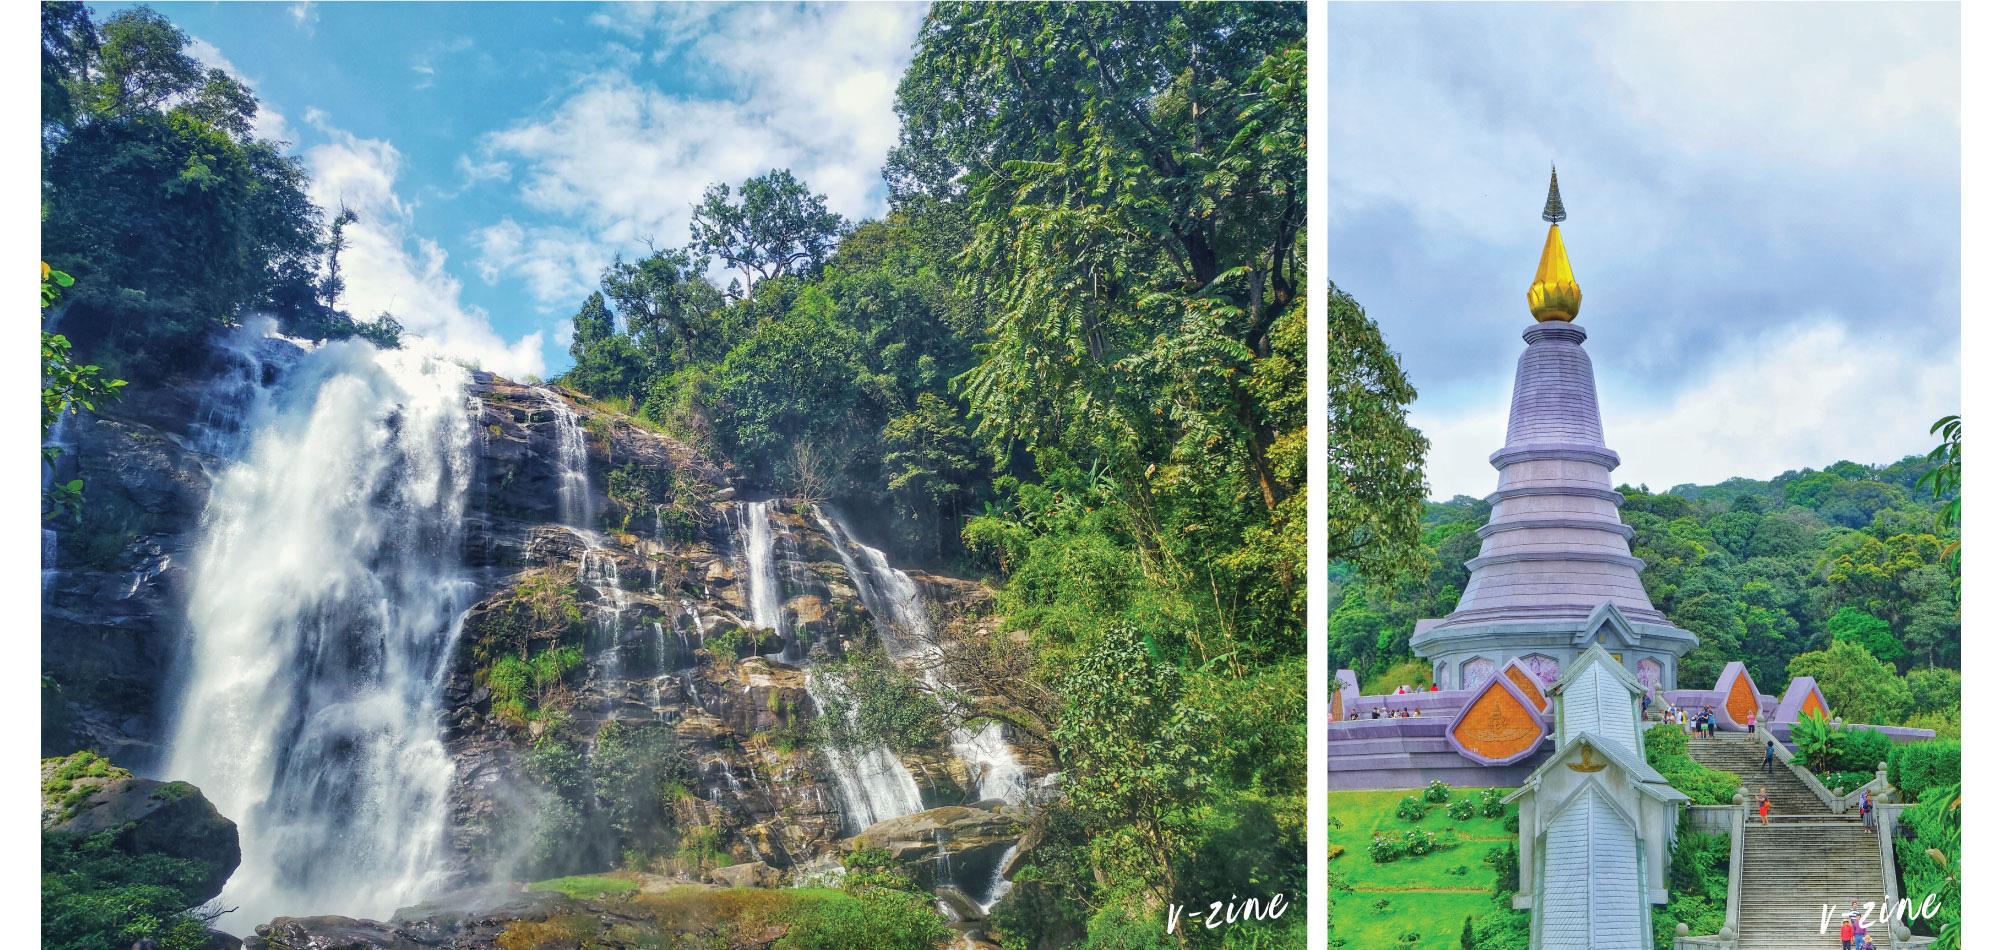 Ngoài lễ hội đèn trời, Chiang Mai còn có gì hấp dẫn du khách? - Ảnh 6.